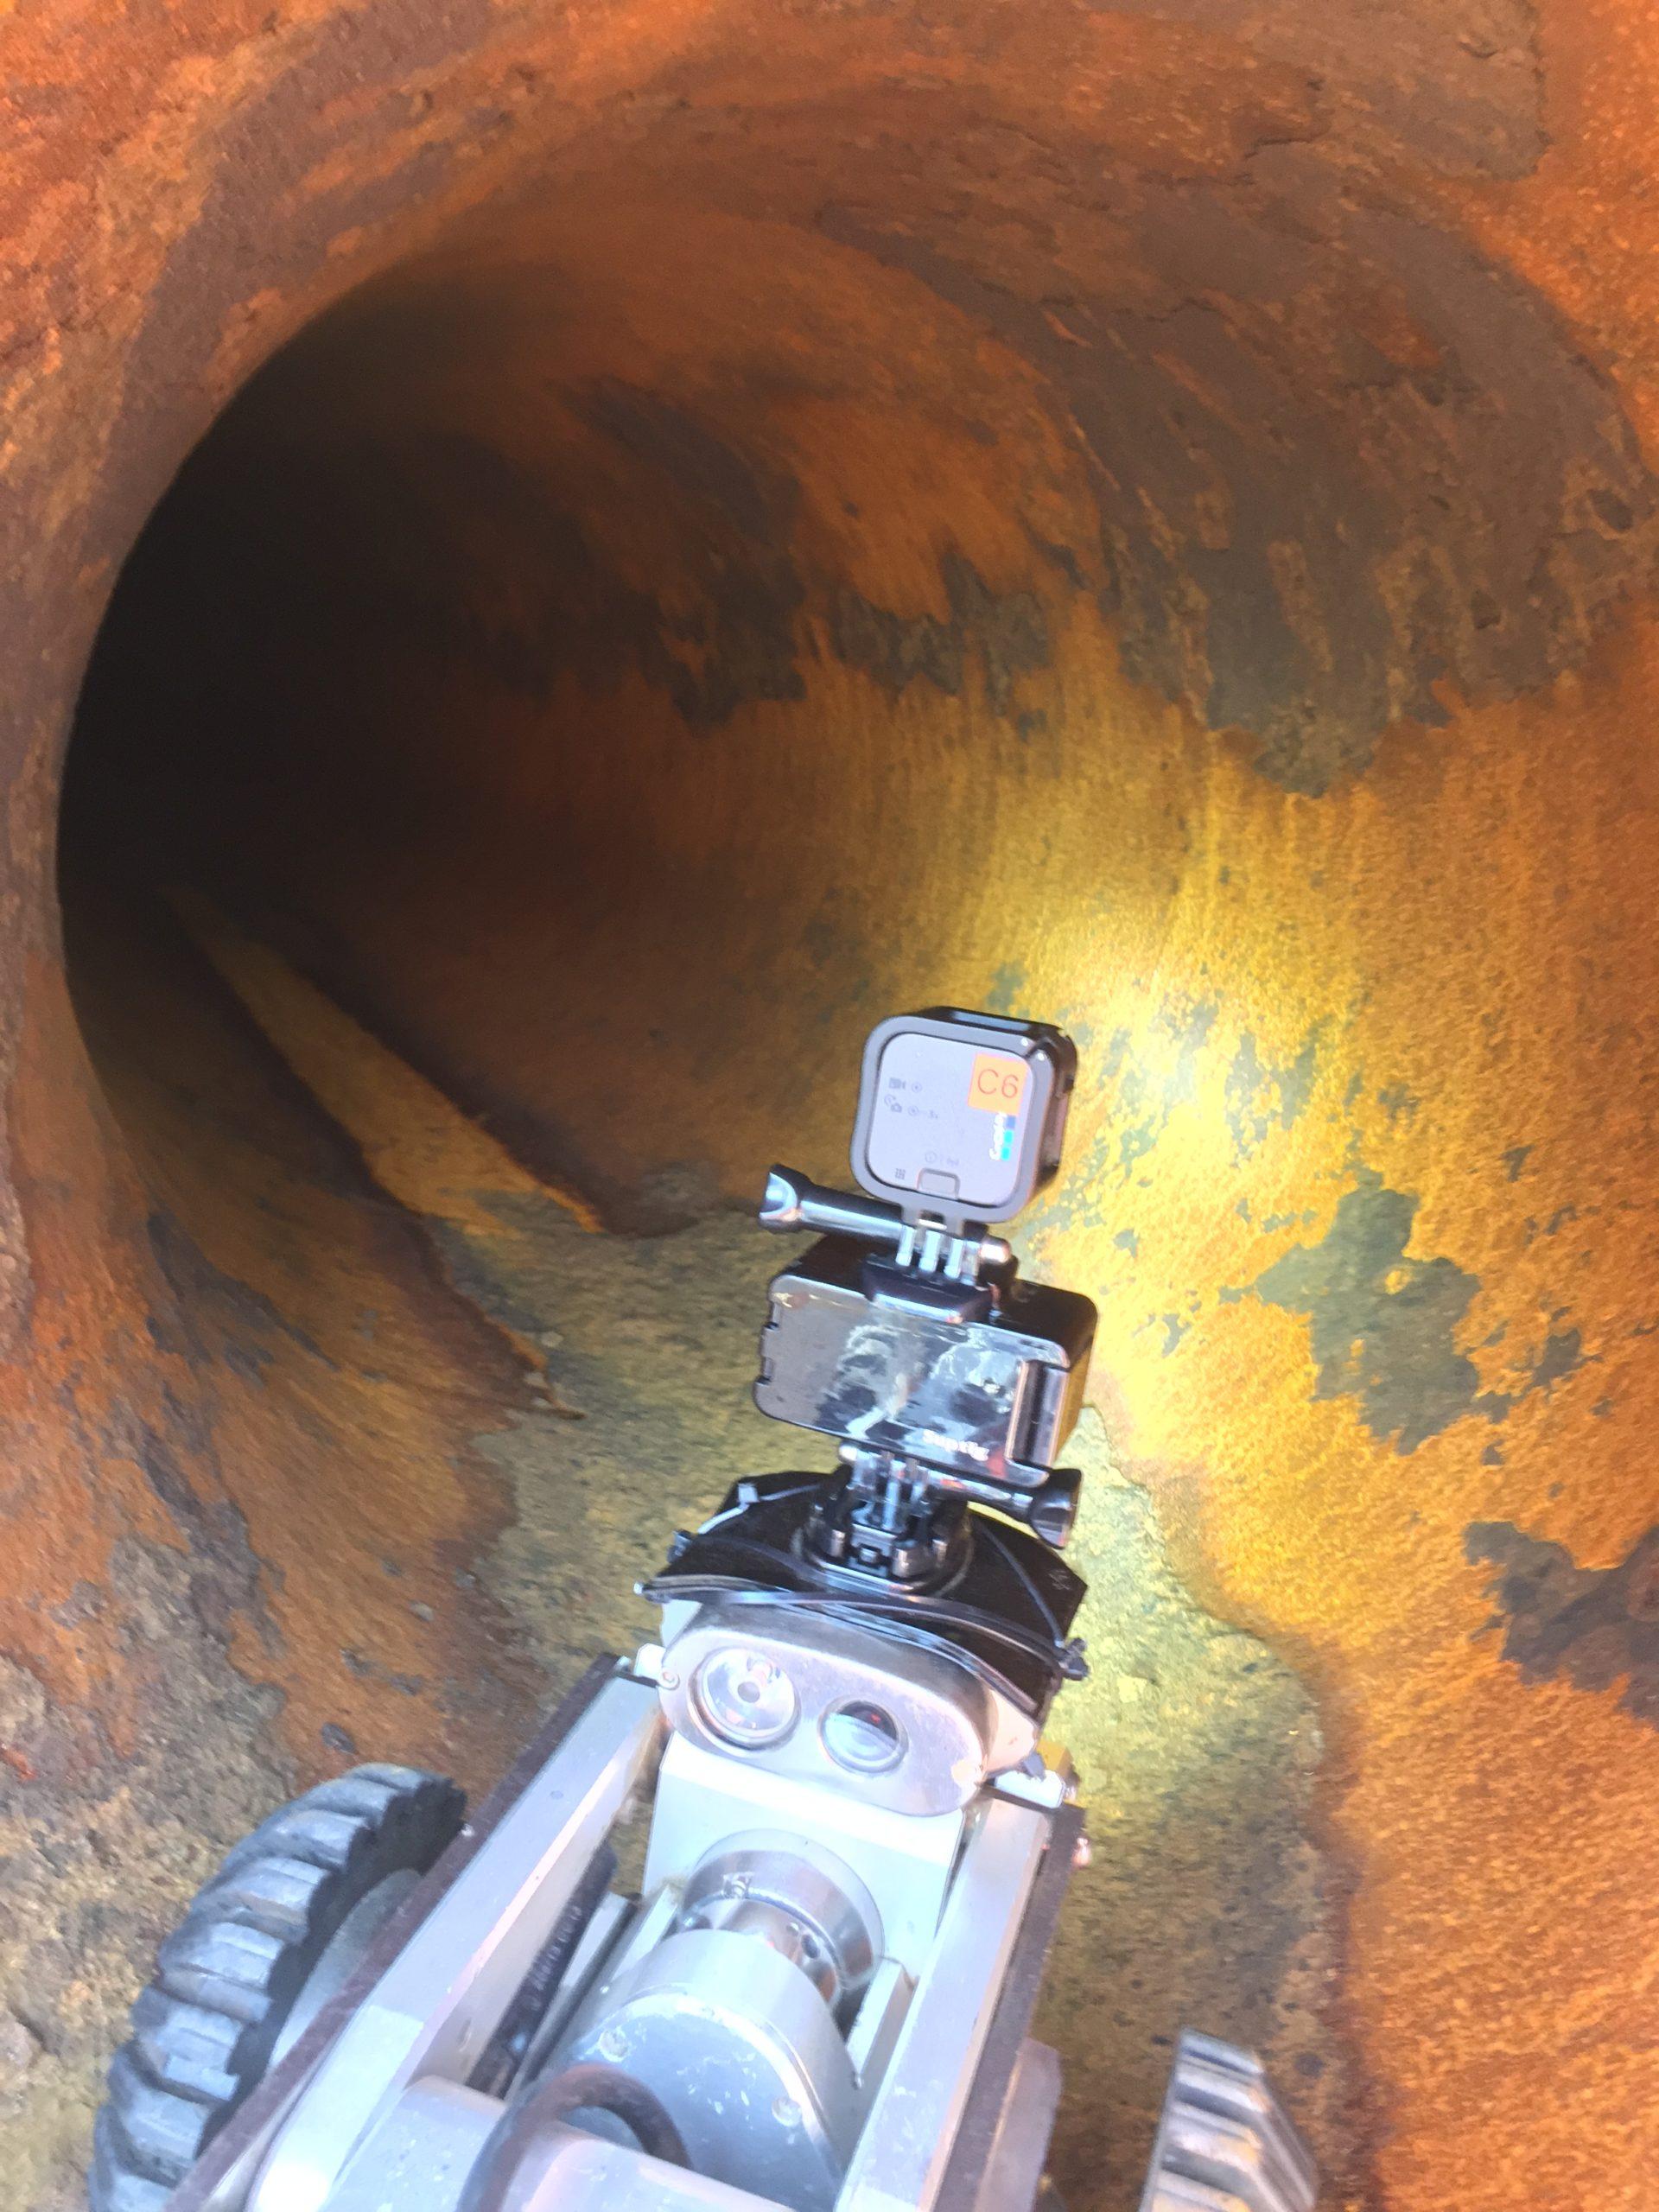 Confined Space Survey & Hazardous Environment Inspection